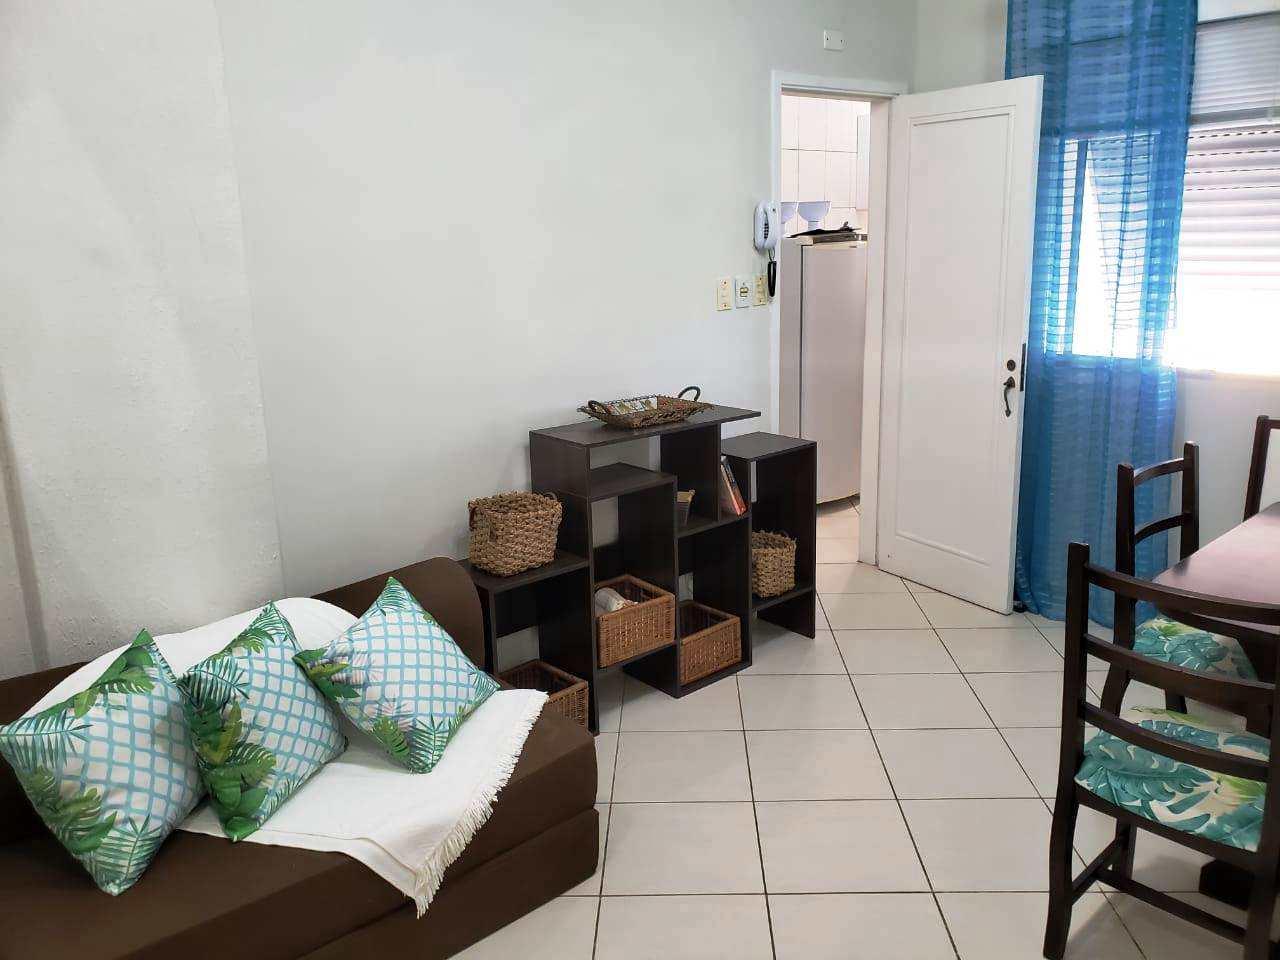 Kitnet, José Menino, Santos, pacote 1.400, Cod: 3726